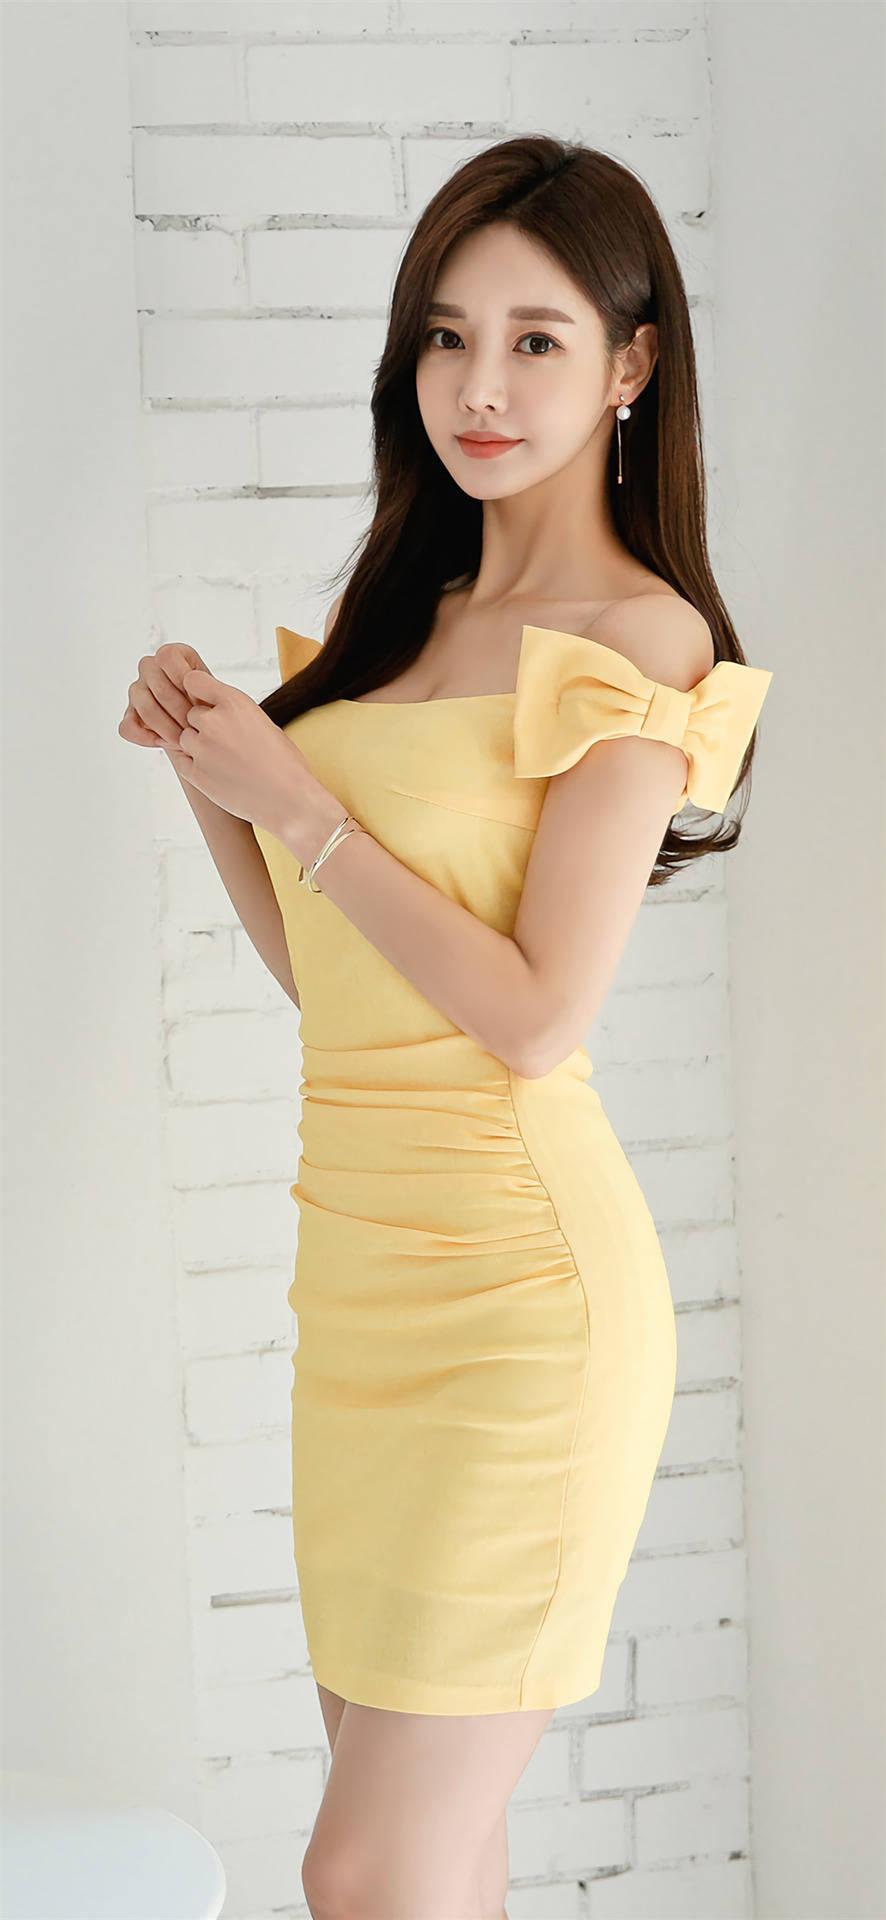 韩国模特孙允珠这款极具醒目清纯的米黄色连衣裙美图